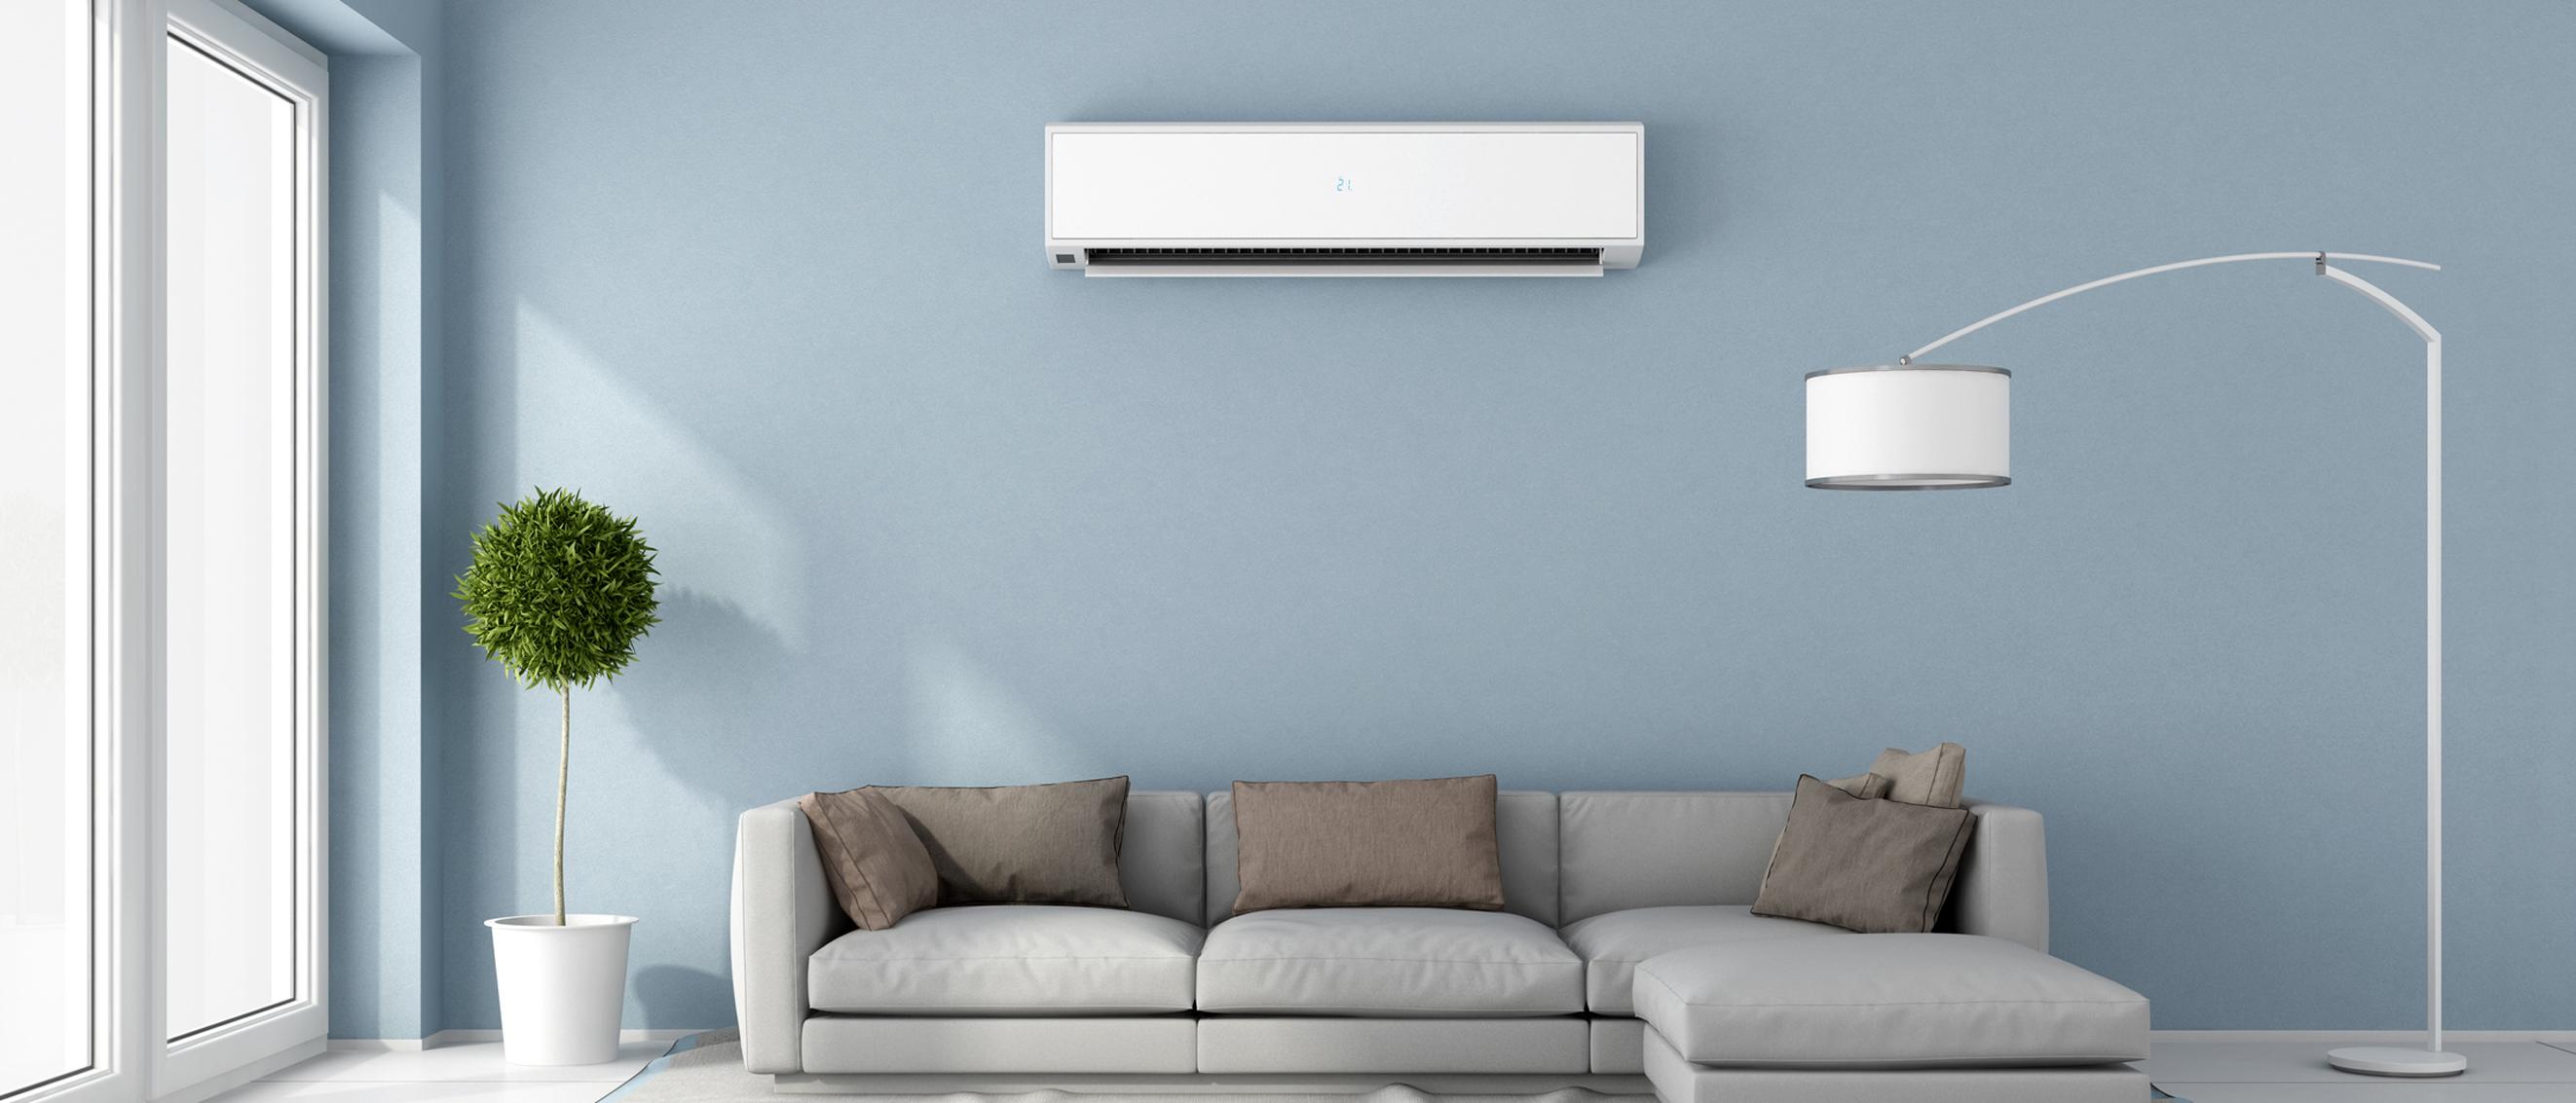 climatizzatore in soggiorno